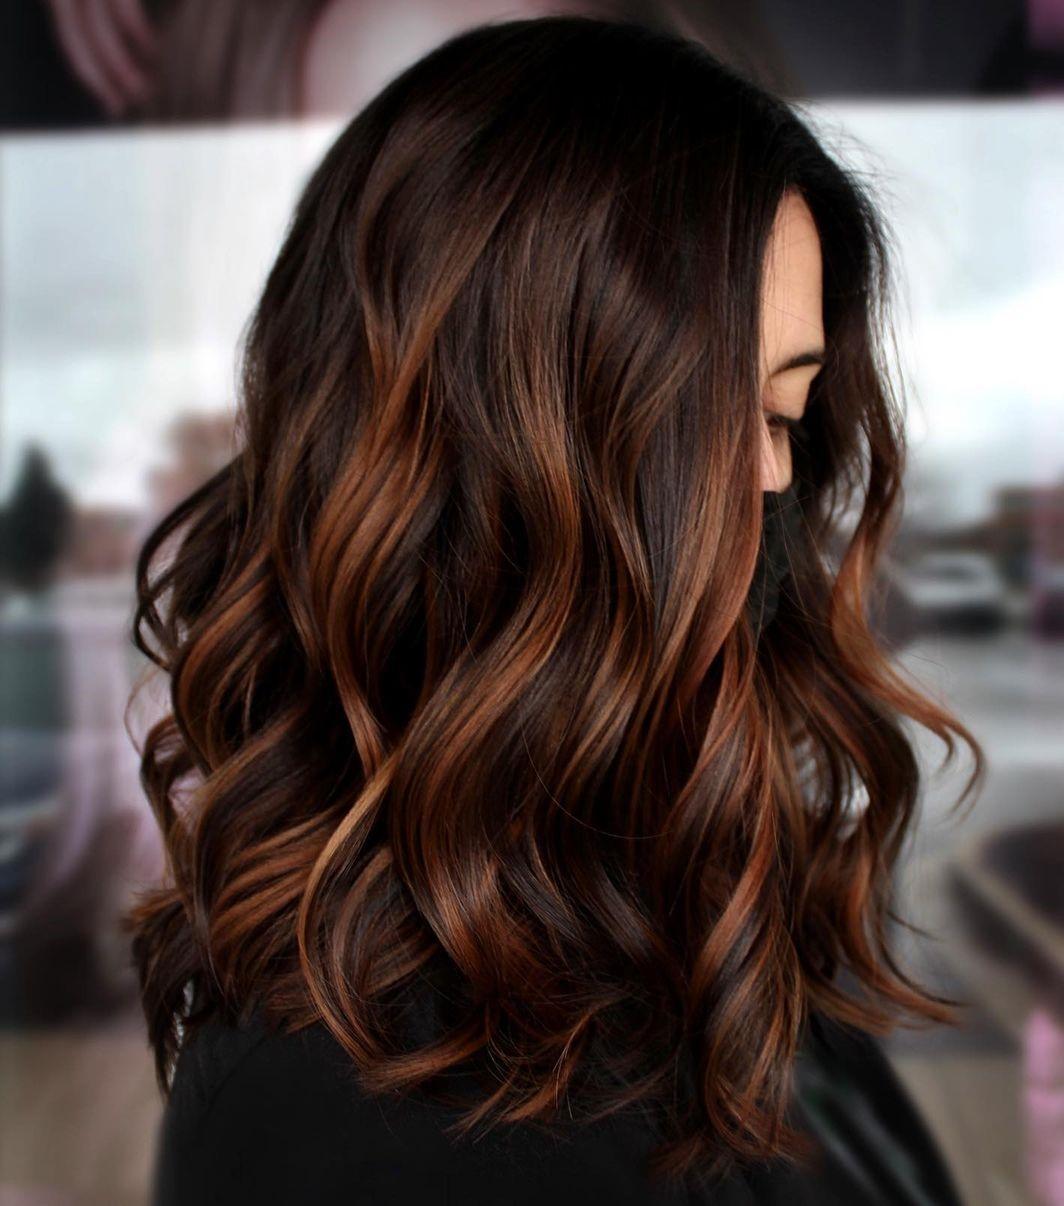 Dark Hair with Auburn Highlights